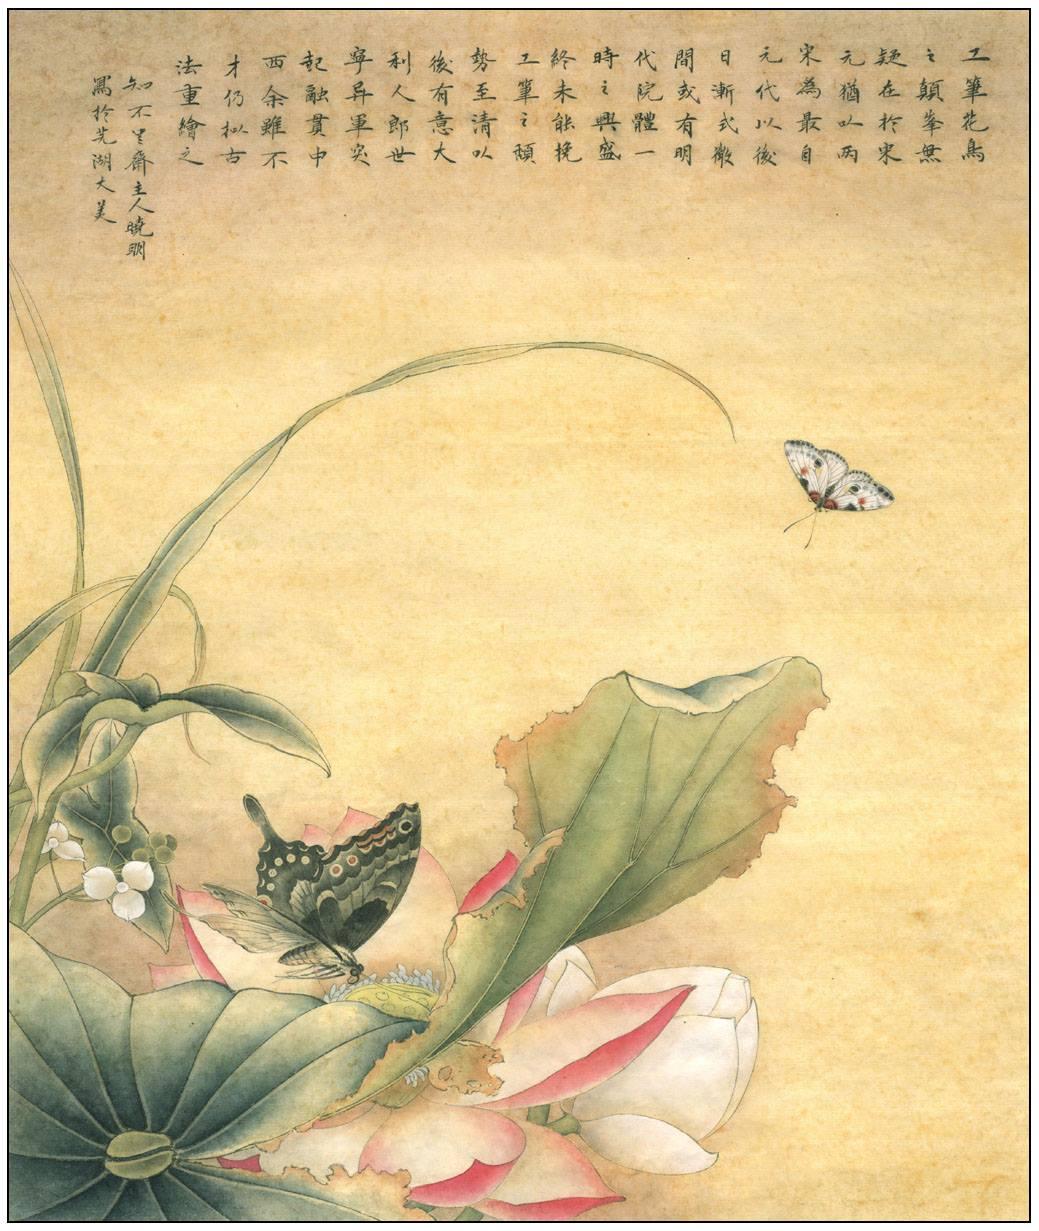 История китайской живописи книга скачать